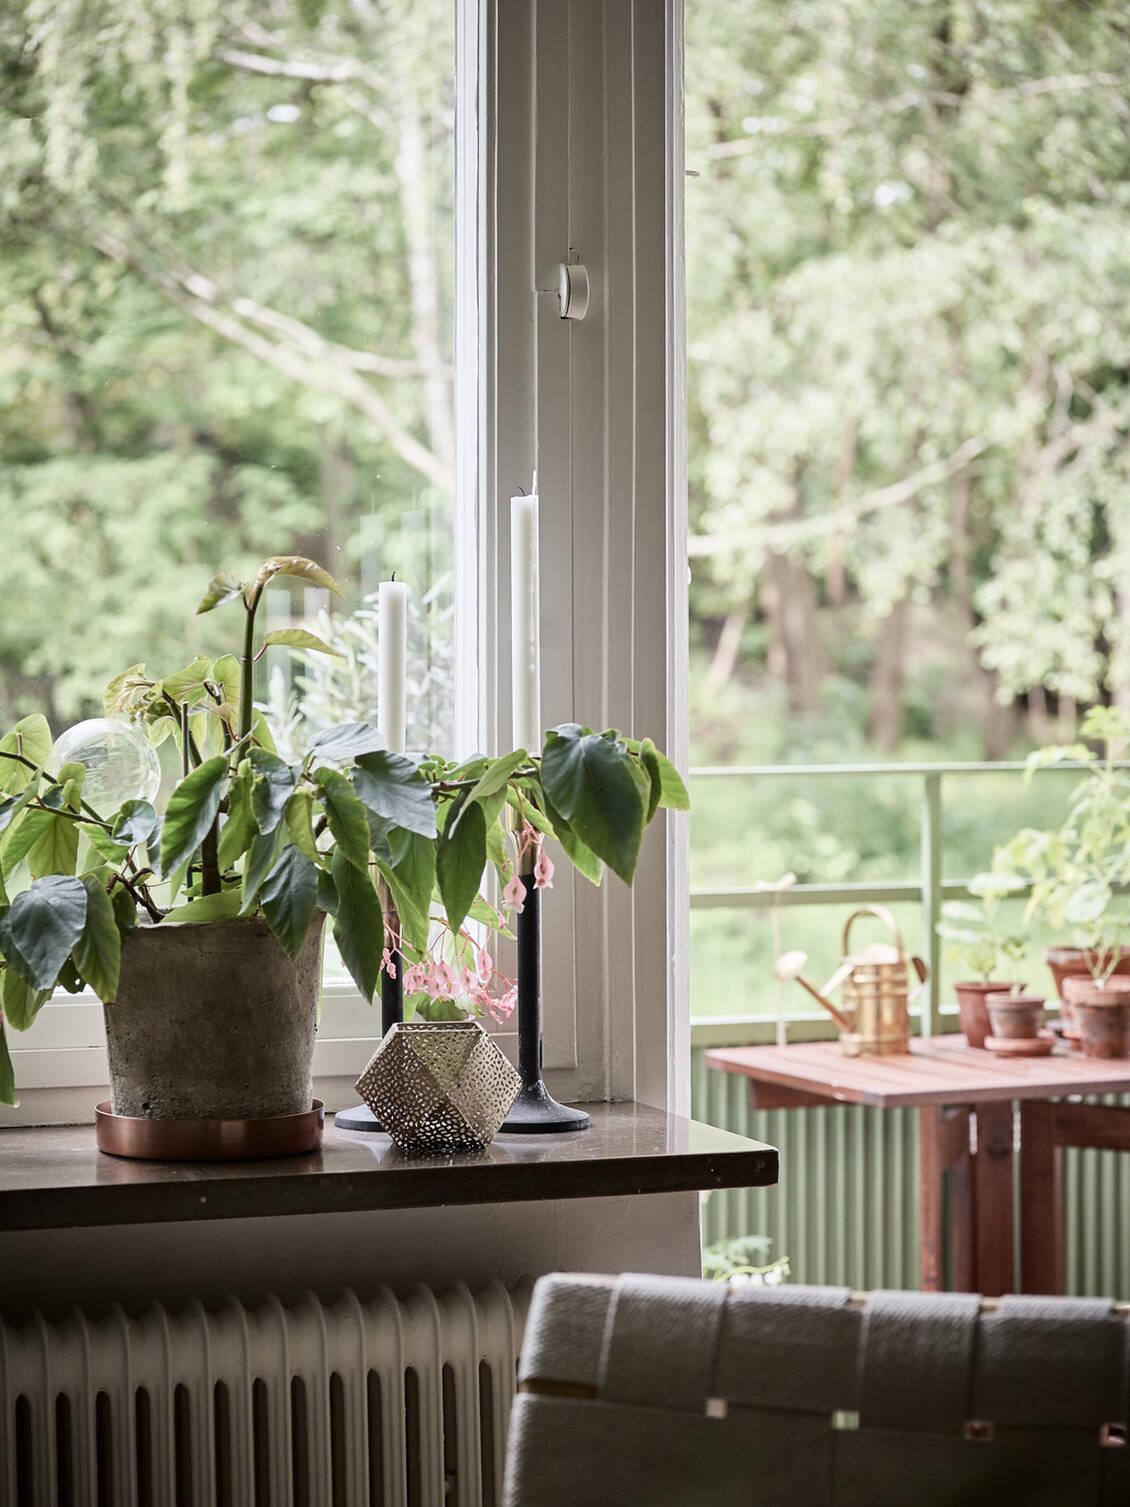 Originalfönstren och dess fönsterbänkar i marmor ger en charmig inramning.